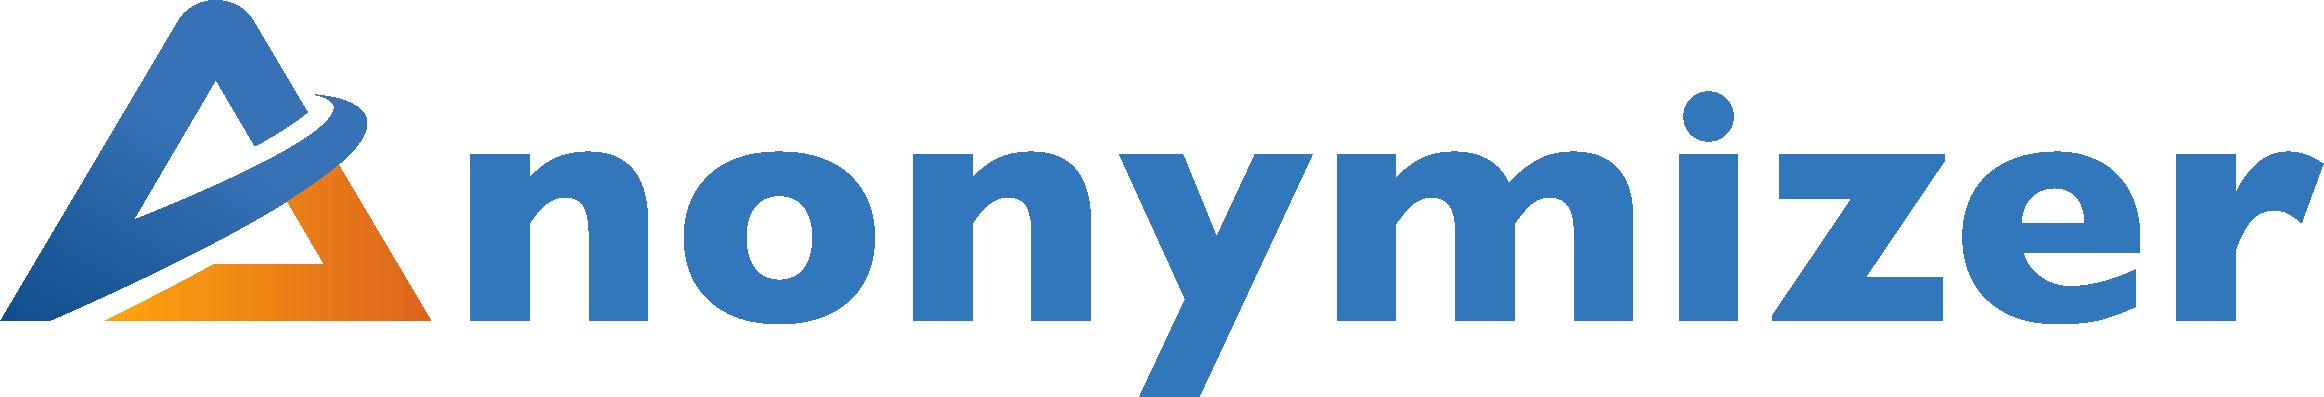 Anonymizer logo